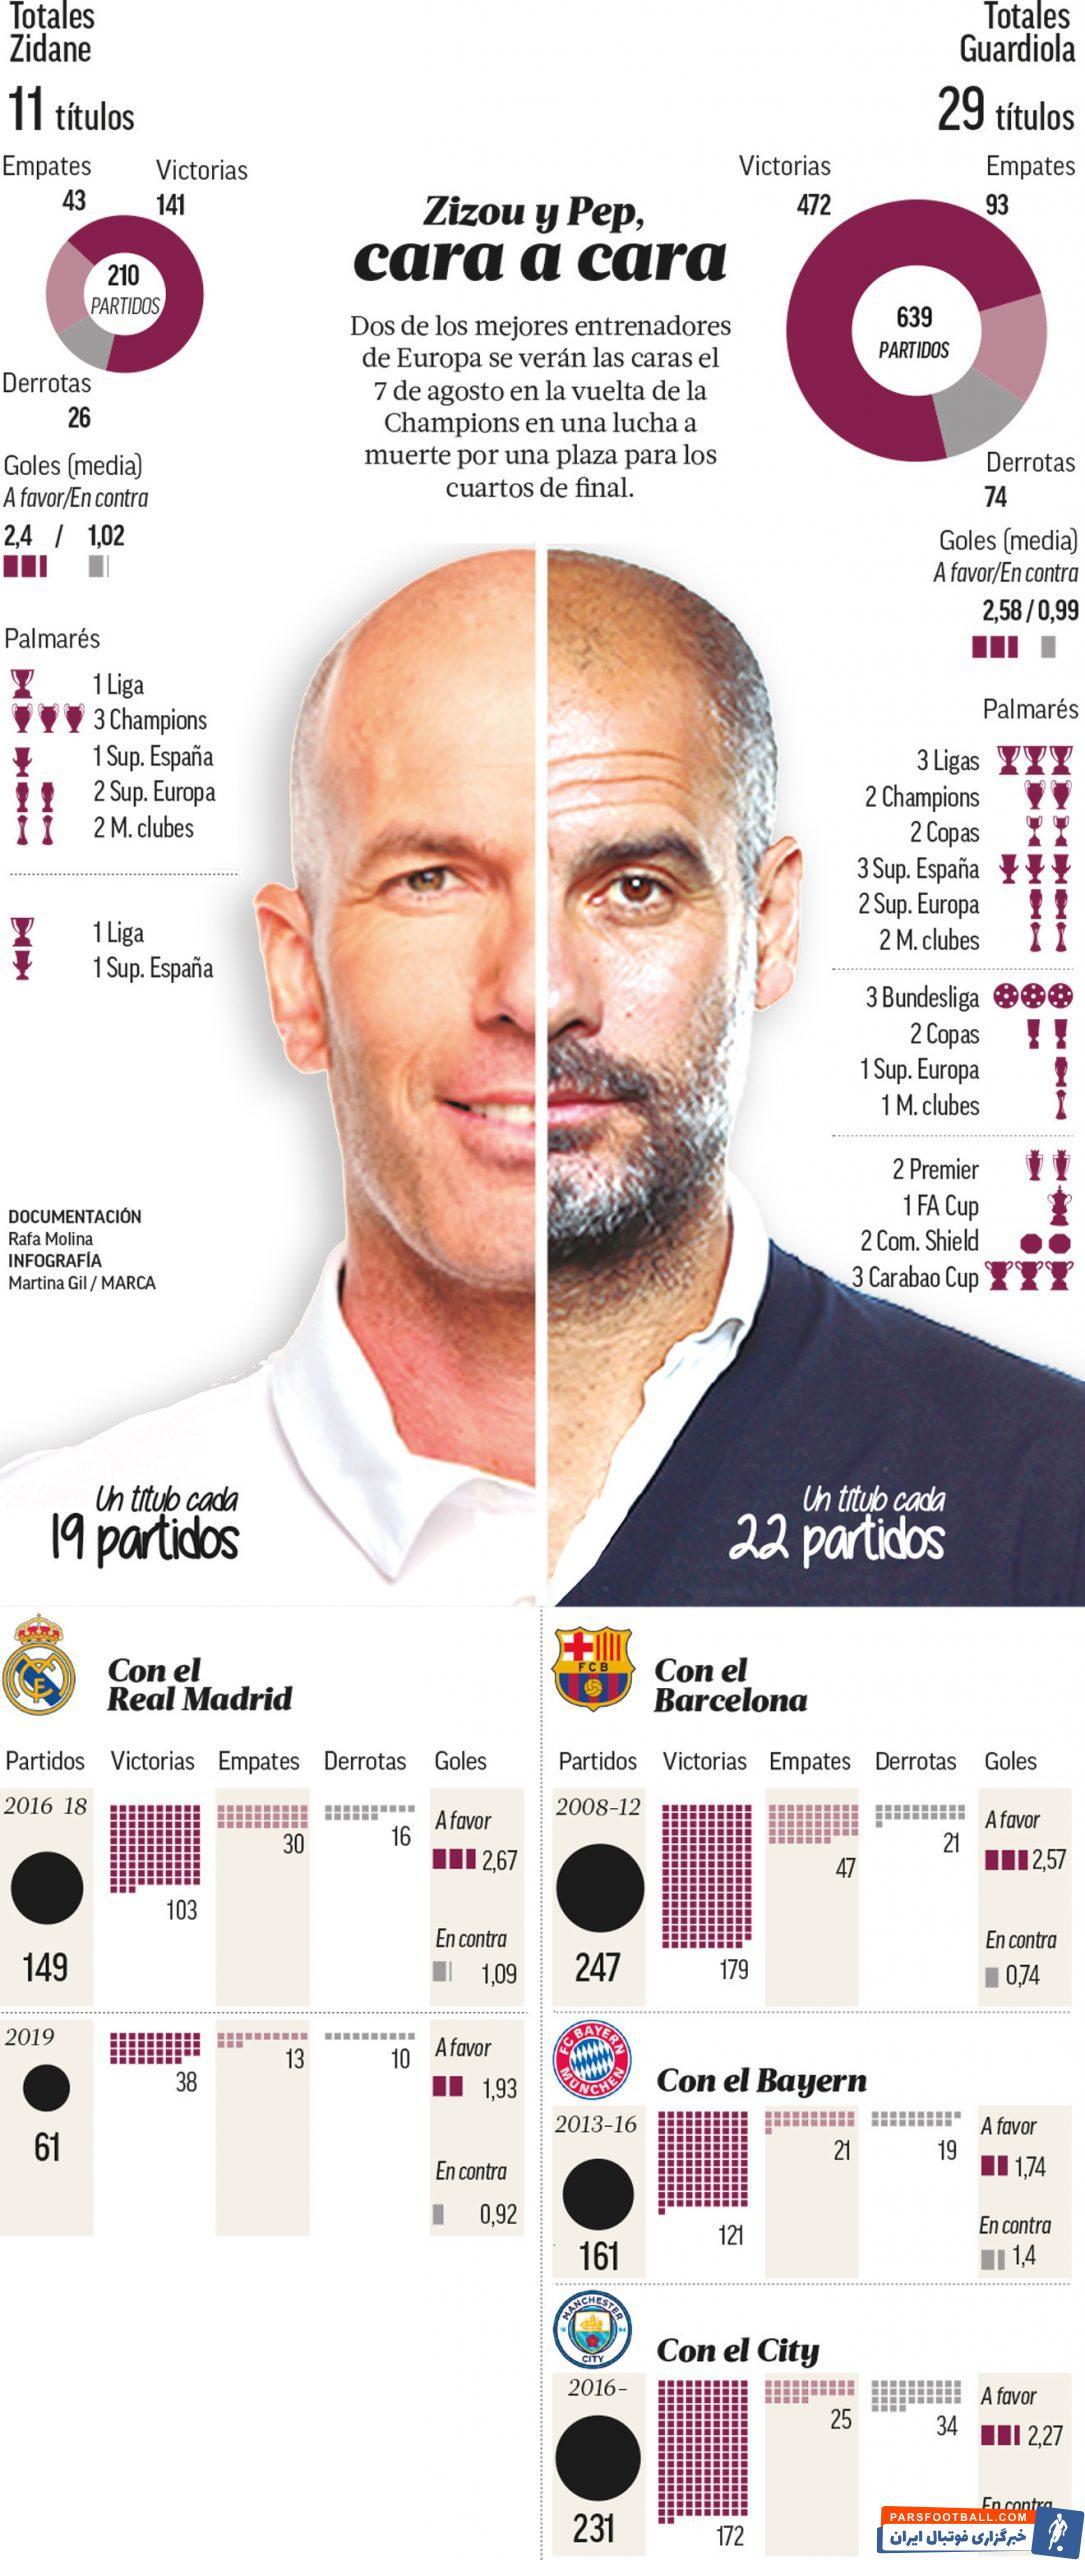 تنها 4 روز به دیدار برگشت منچسترسیتی و رئال مادرید باقی مانده است. دیداری که نبرد ذهنی گواردیولا و زیدان دو مربی بزرگ فوتبال دنیا خواهد بود.